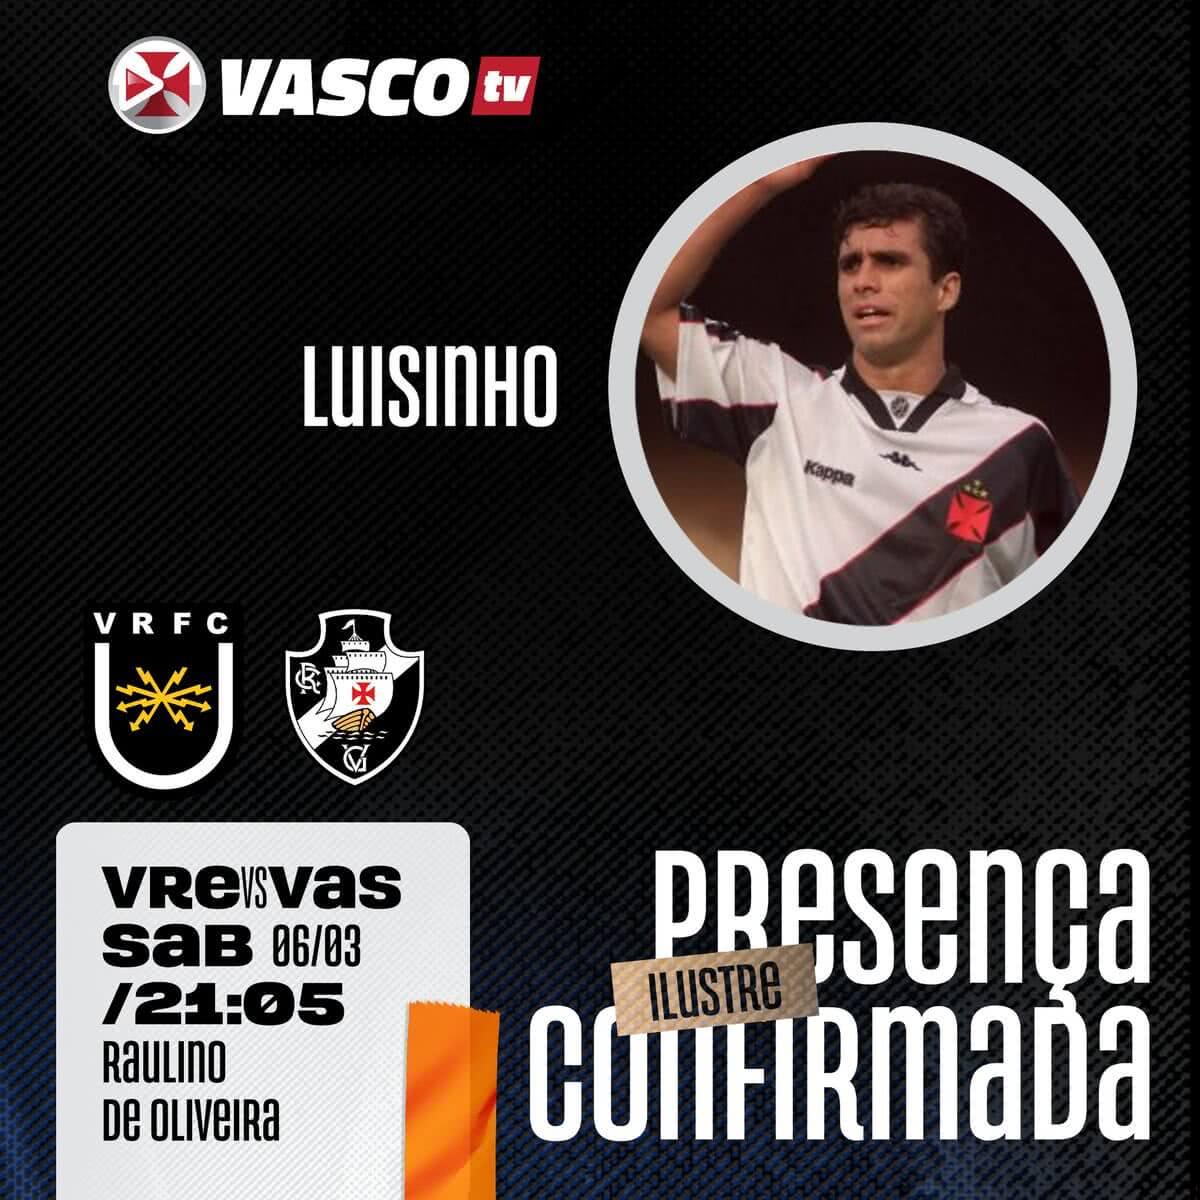 Lisinho participará da transmissão de Vasco x Volta Redonda